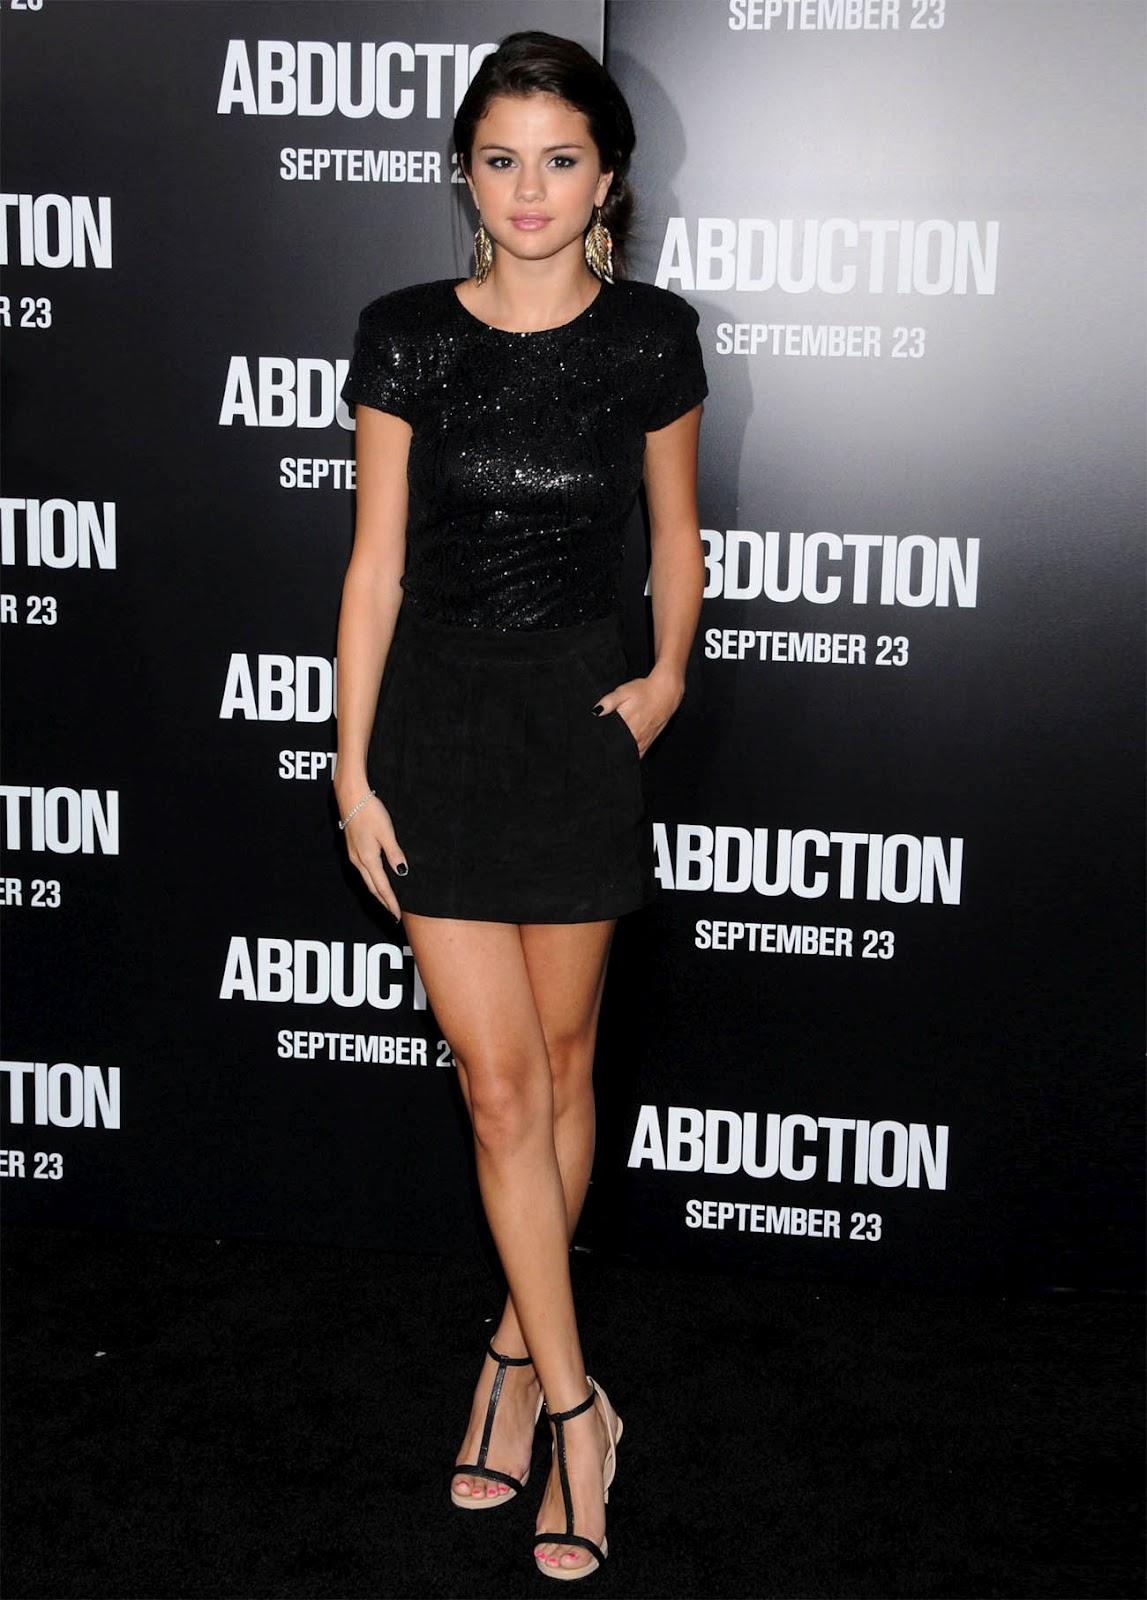 http://1.bp.blogspot.com/-XSYJAlX5qK8/T1gxVqauVCI/AAAAAAAALsU/BT3QeOX5j10/s1600/Selena-Gomez-0911_01.jpg